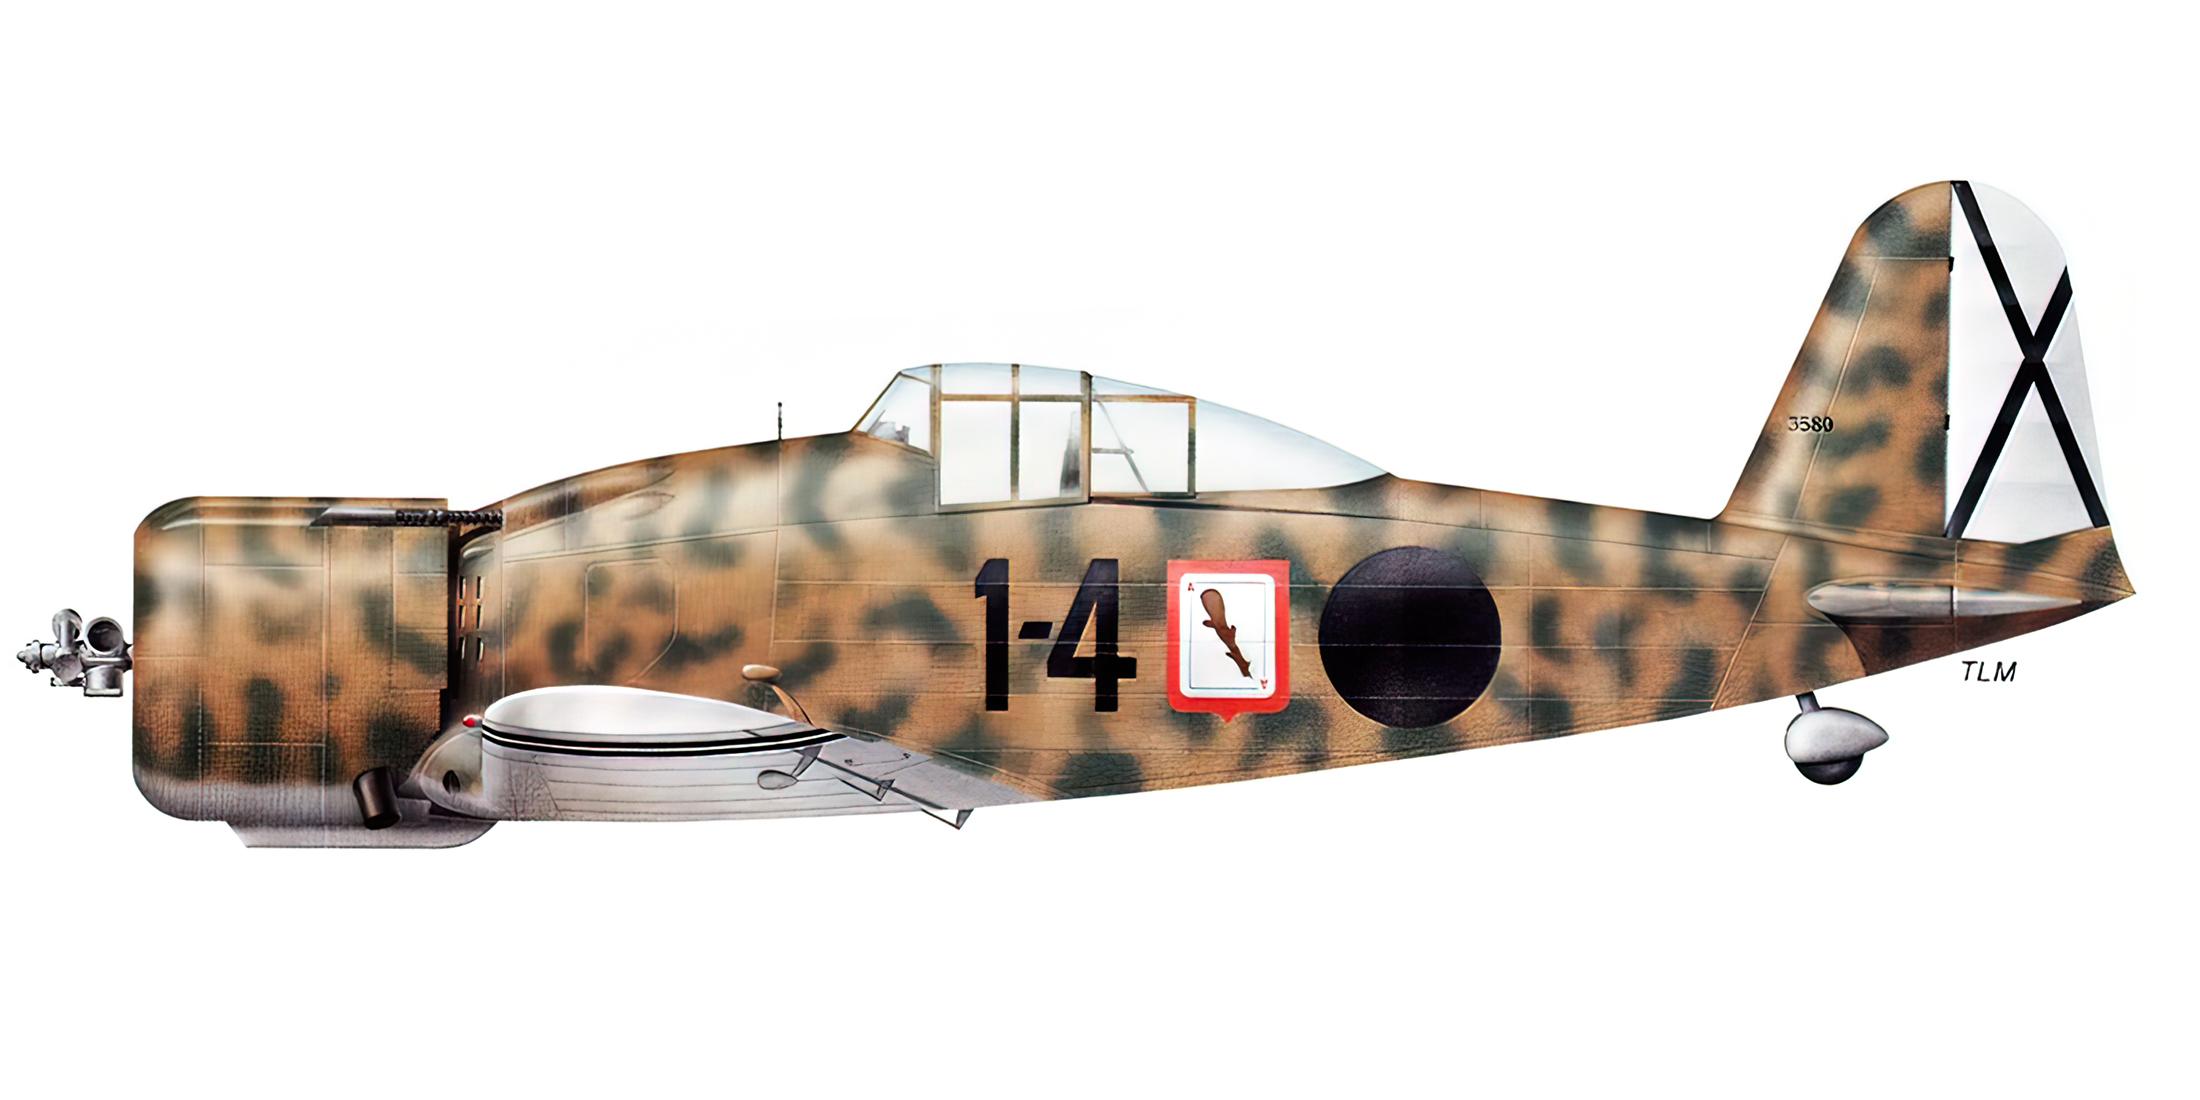 Fiat G50 Freccia Aviacion Nacional 27 Gruppo de Caza 4 MM3580 Sevilla Tablada Spain Jun 1939 0B